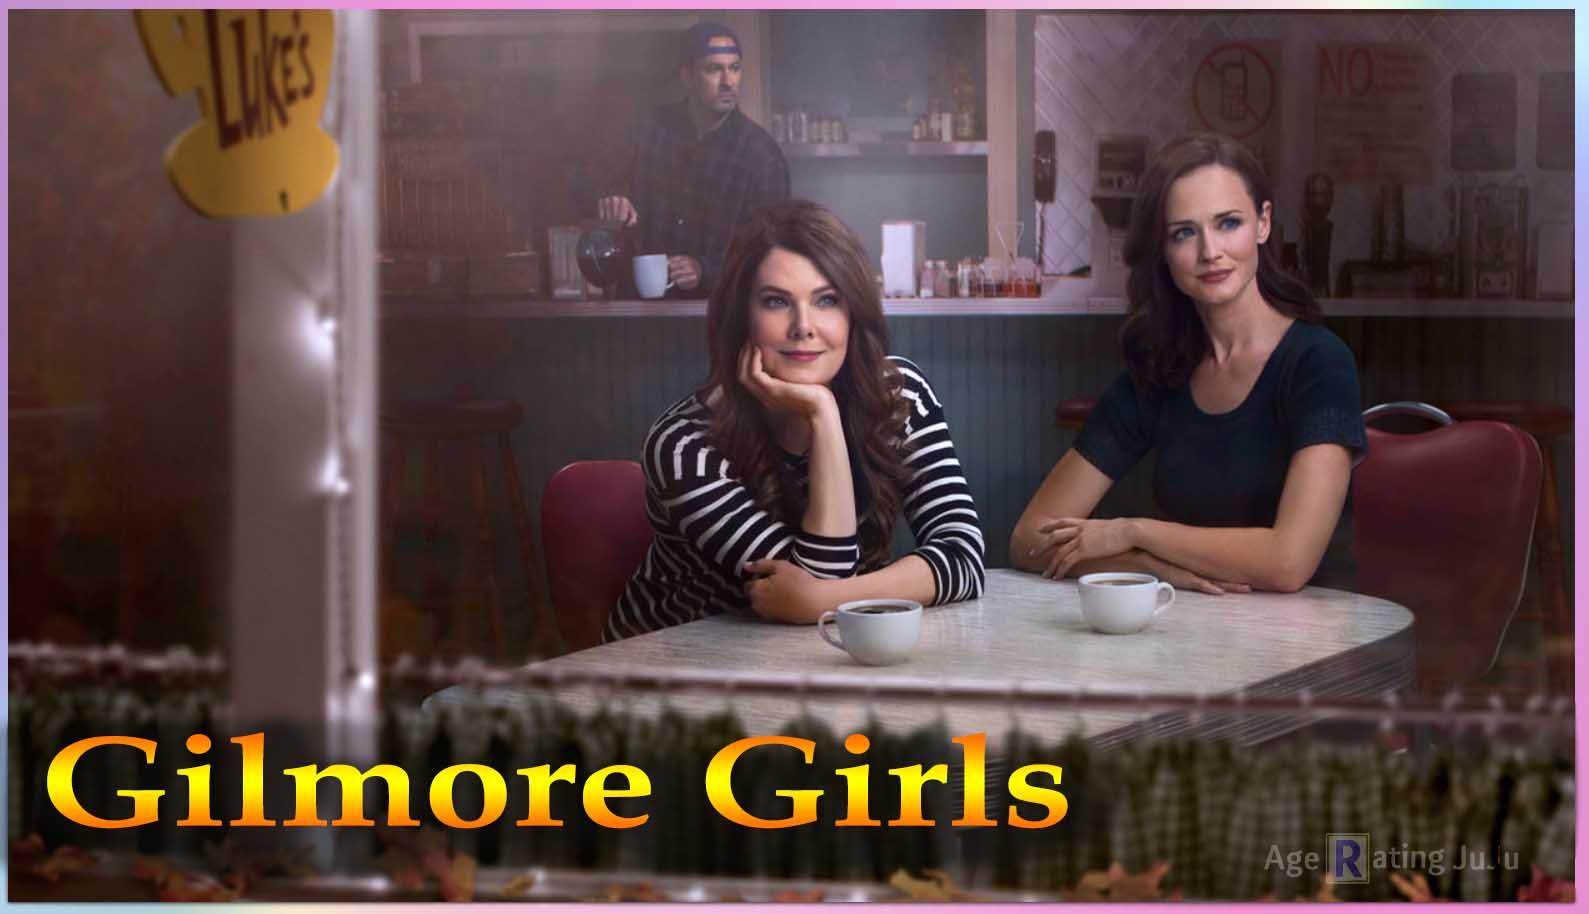 Gilmore Girls Age Rating Netflix Tv Show 2018 Parental Guideline